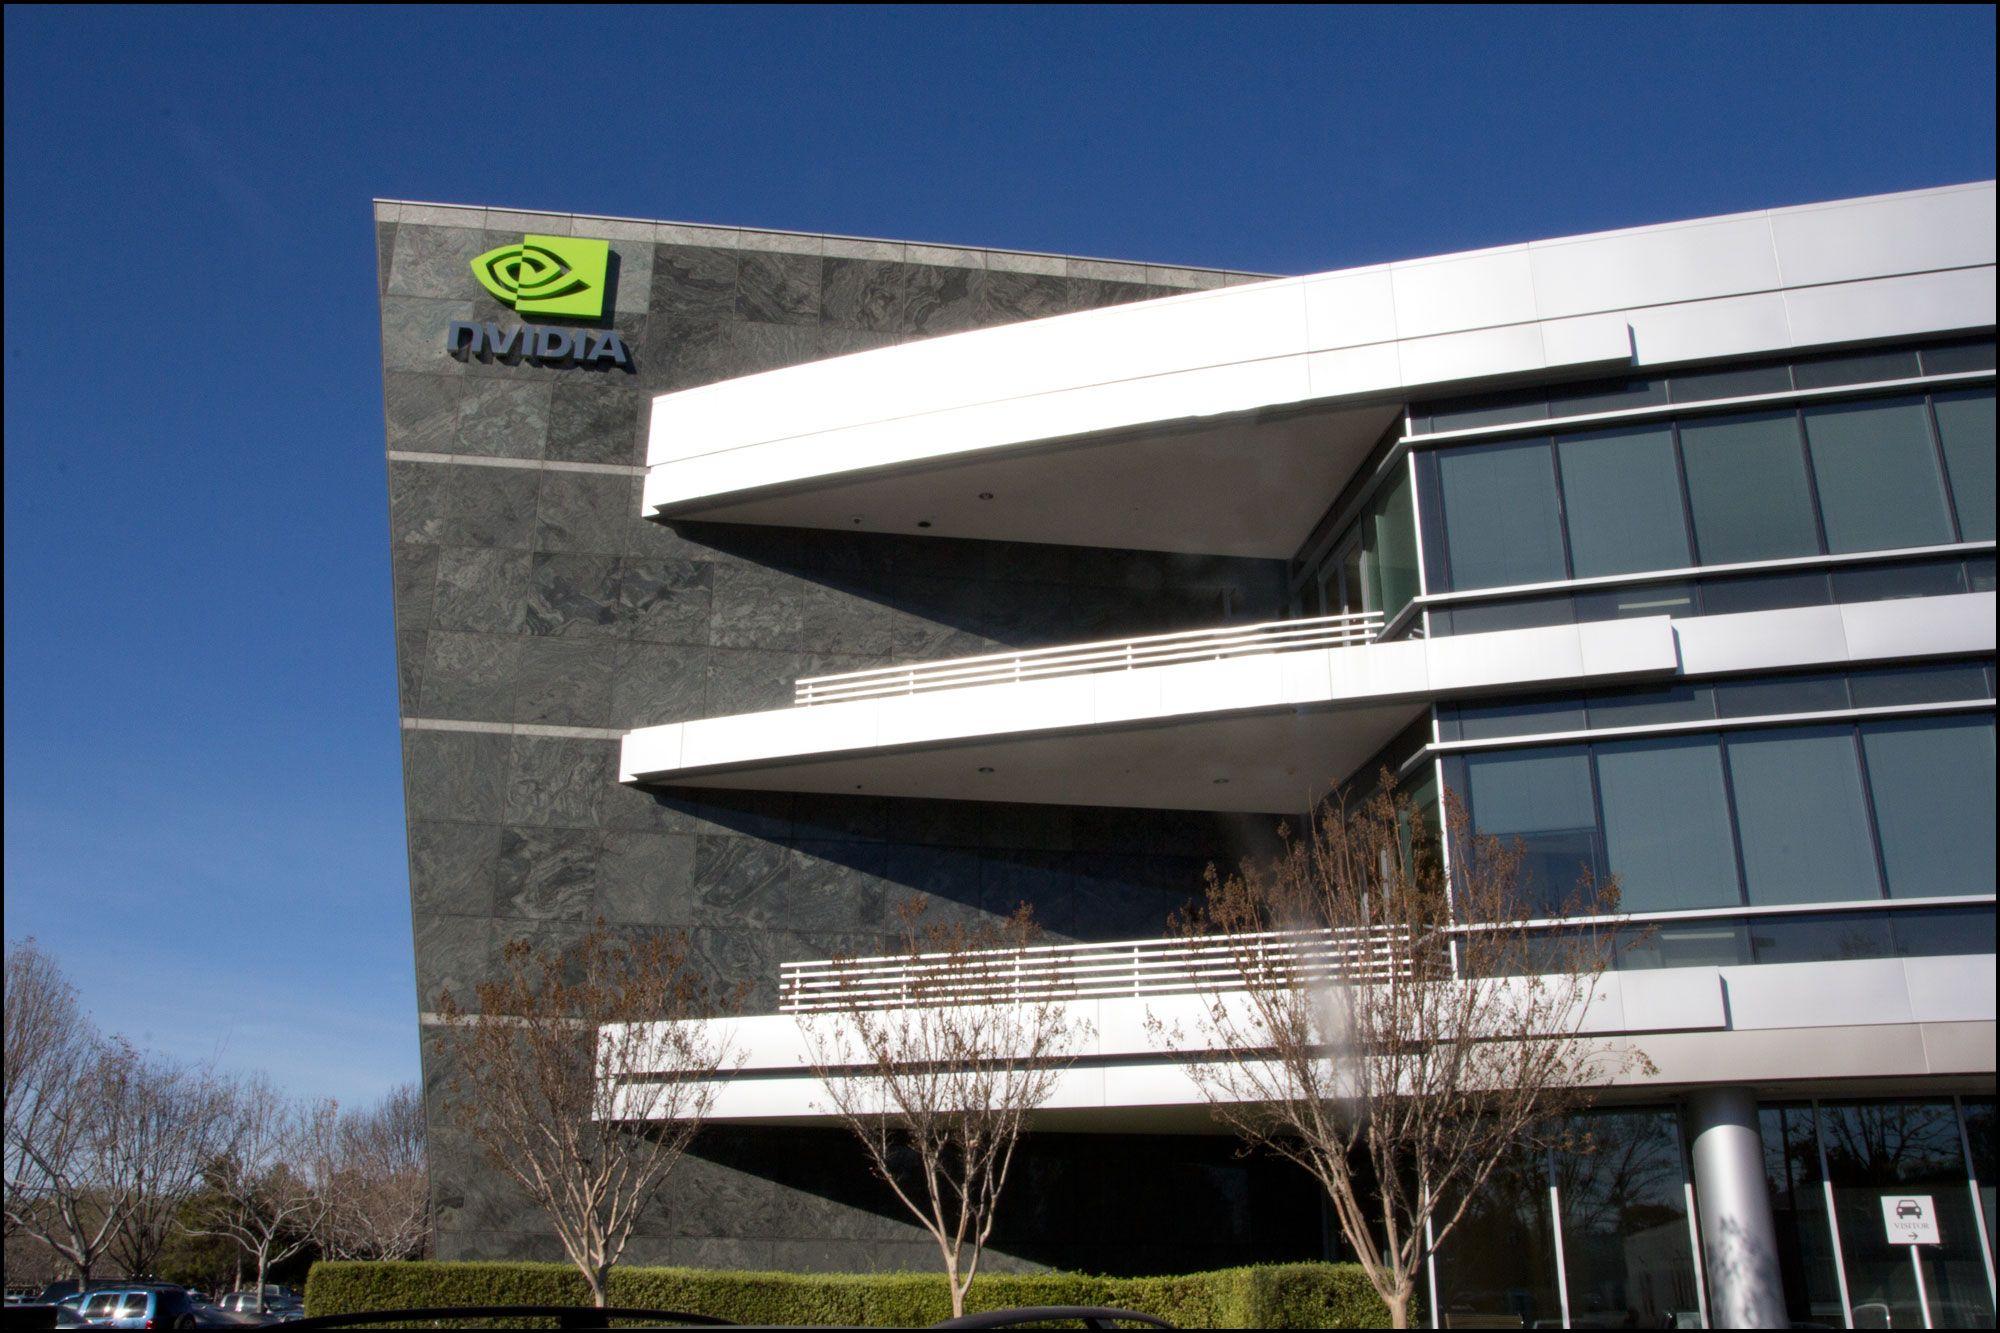 Nvidias hovedkontor består av fire slike bygninger.